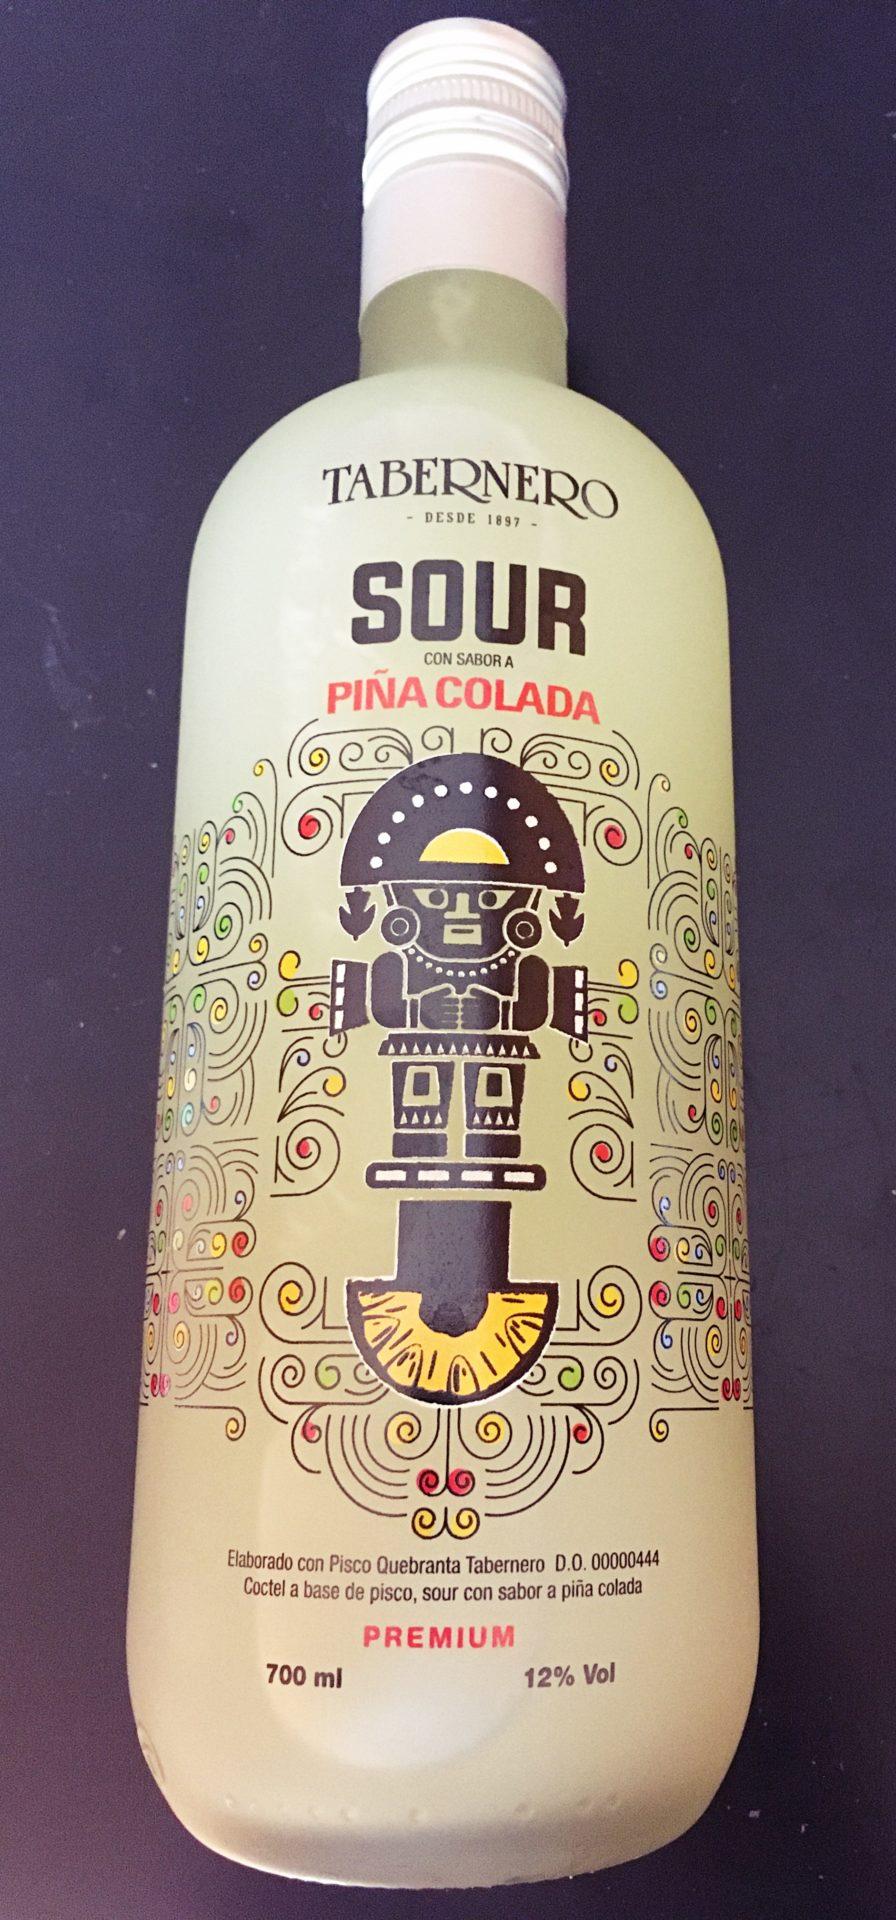 サワー, ペルー, 酒